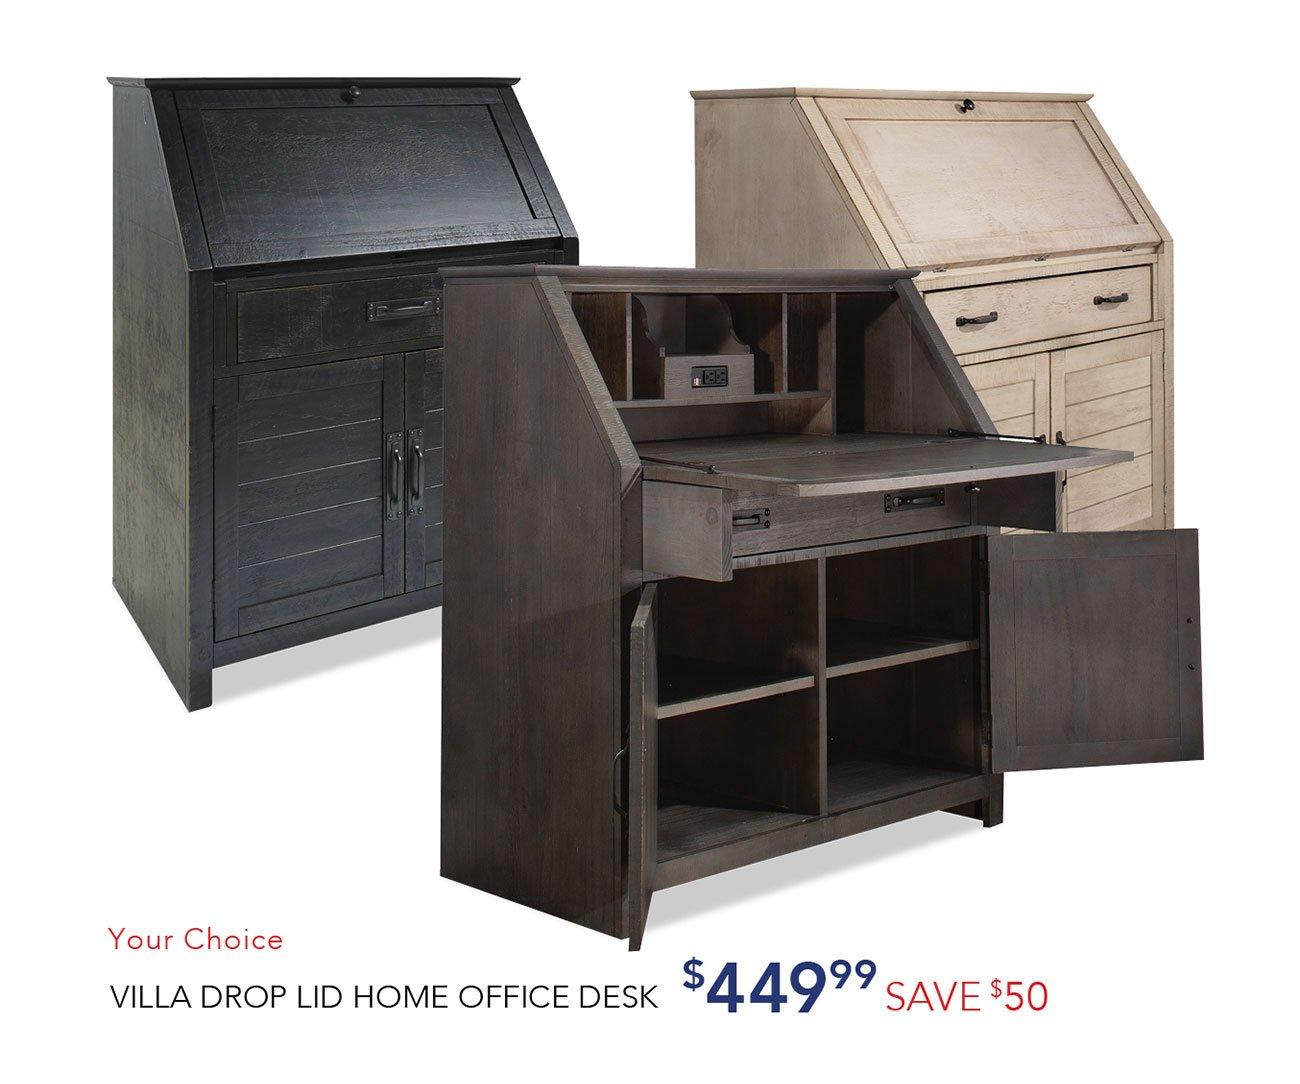 villa-drop-lid-home-office-desk